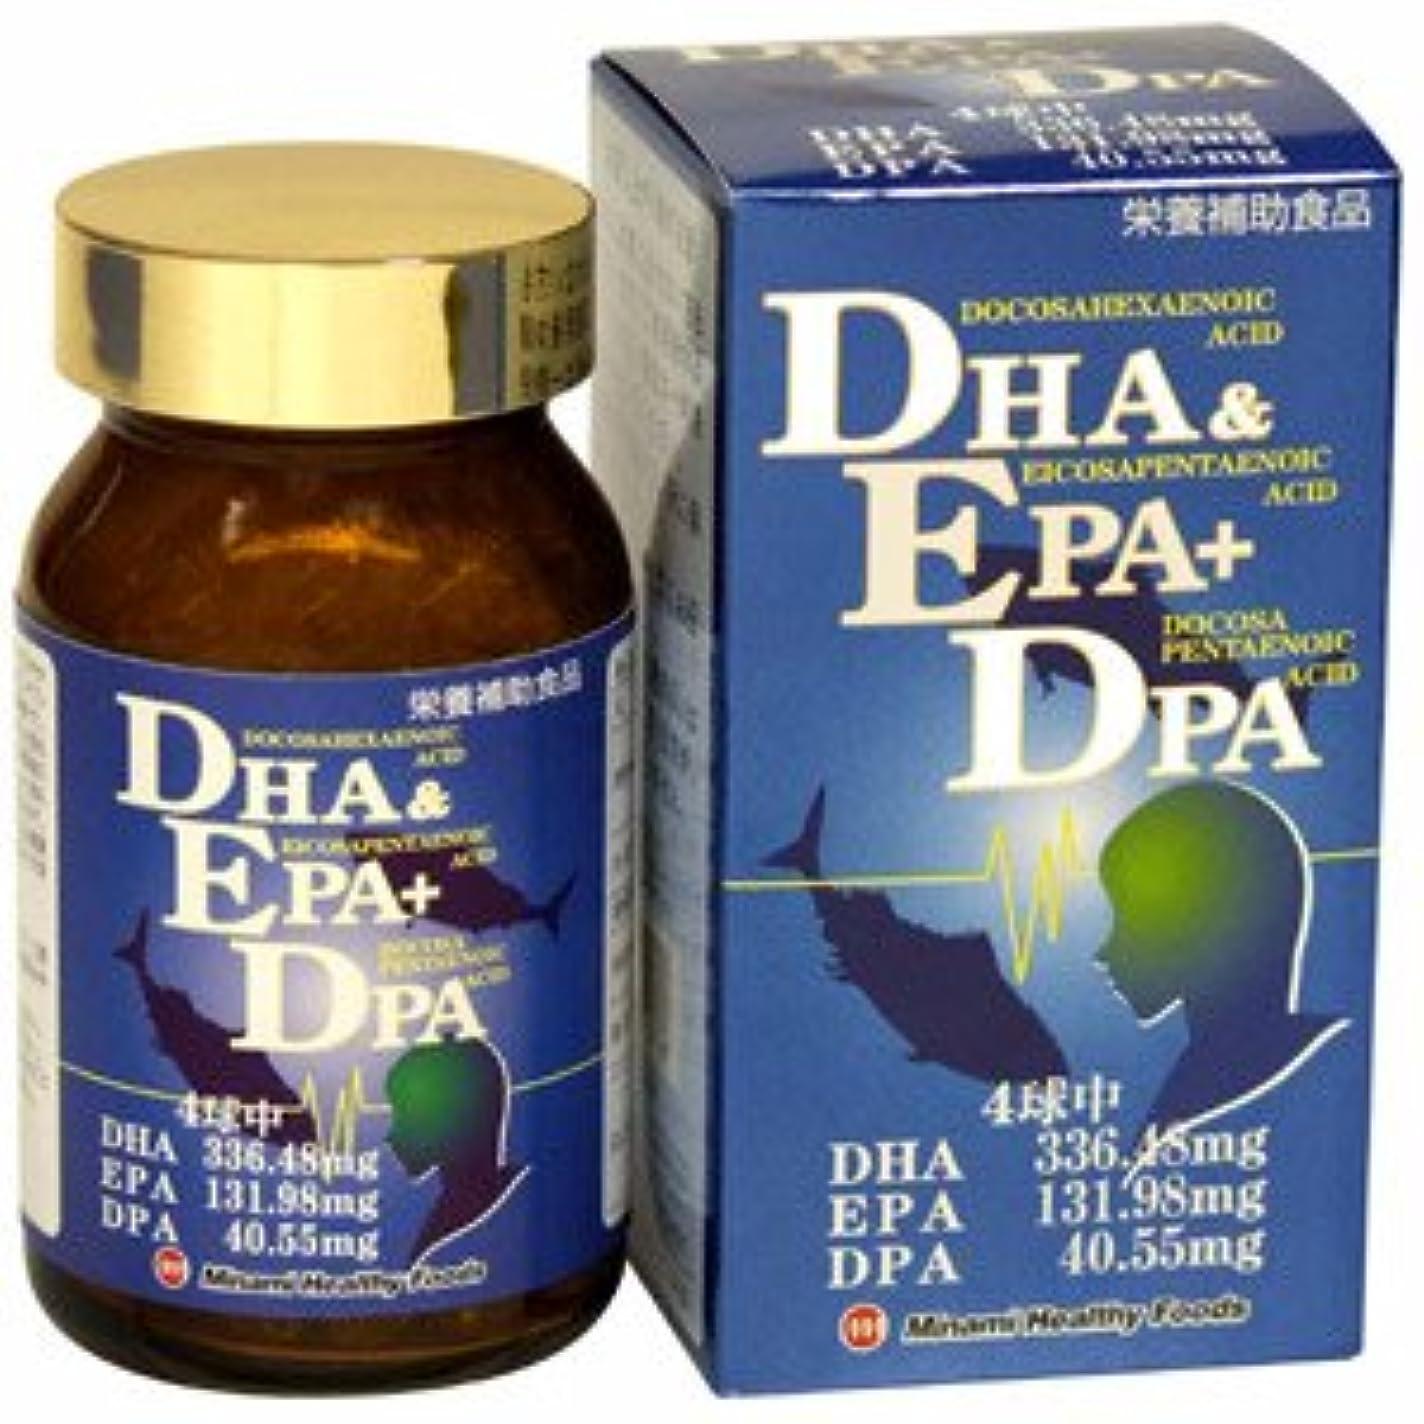 胸乏しいくちばしDHA&EPA+DPA(単品)ミナミヘルシーフーズ